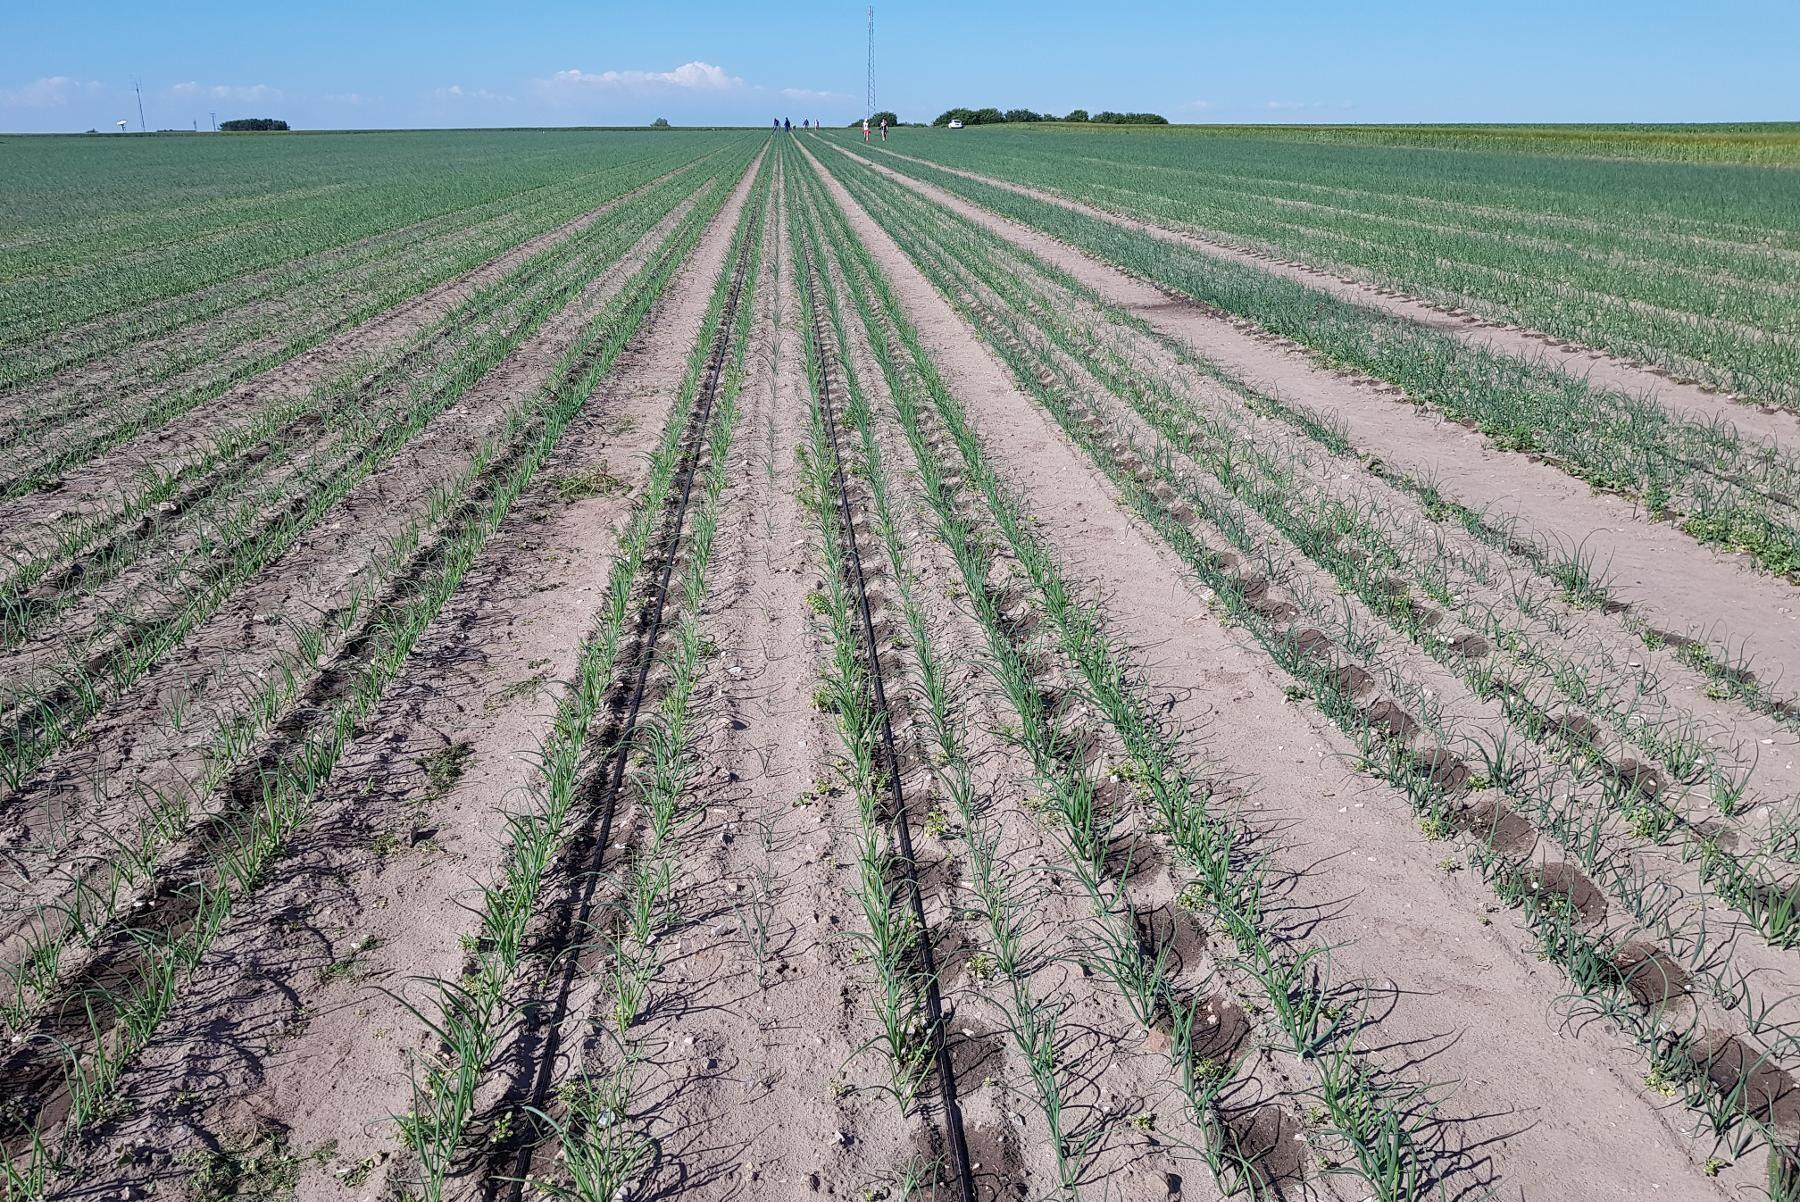 Fältförsöken har varit omkring två till tre hektar stora, och utgångspunkten har i första hand varit att ta reda på om och när droppbevattning kan vara ekonomiskt försvarbart. Ambitionen är att göra om försöket redan nästa år.